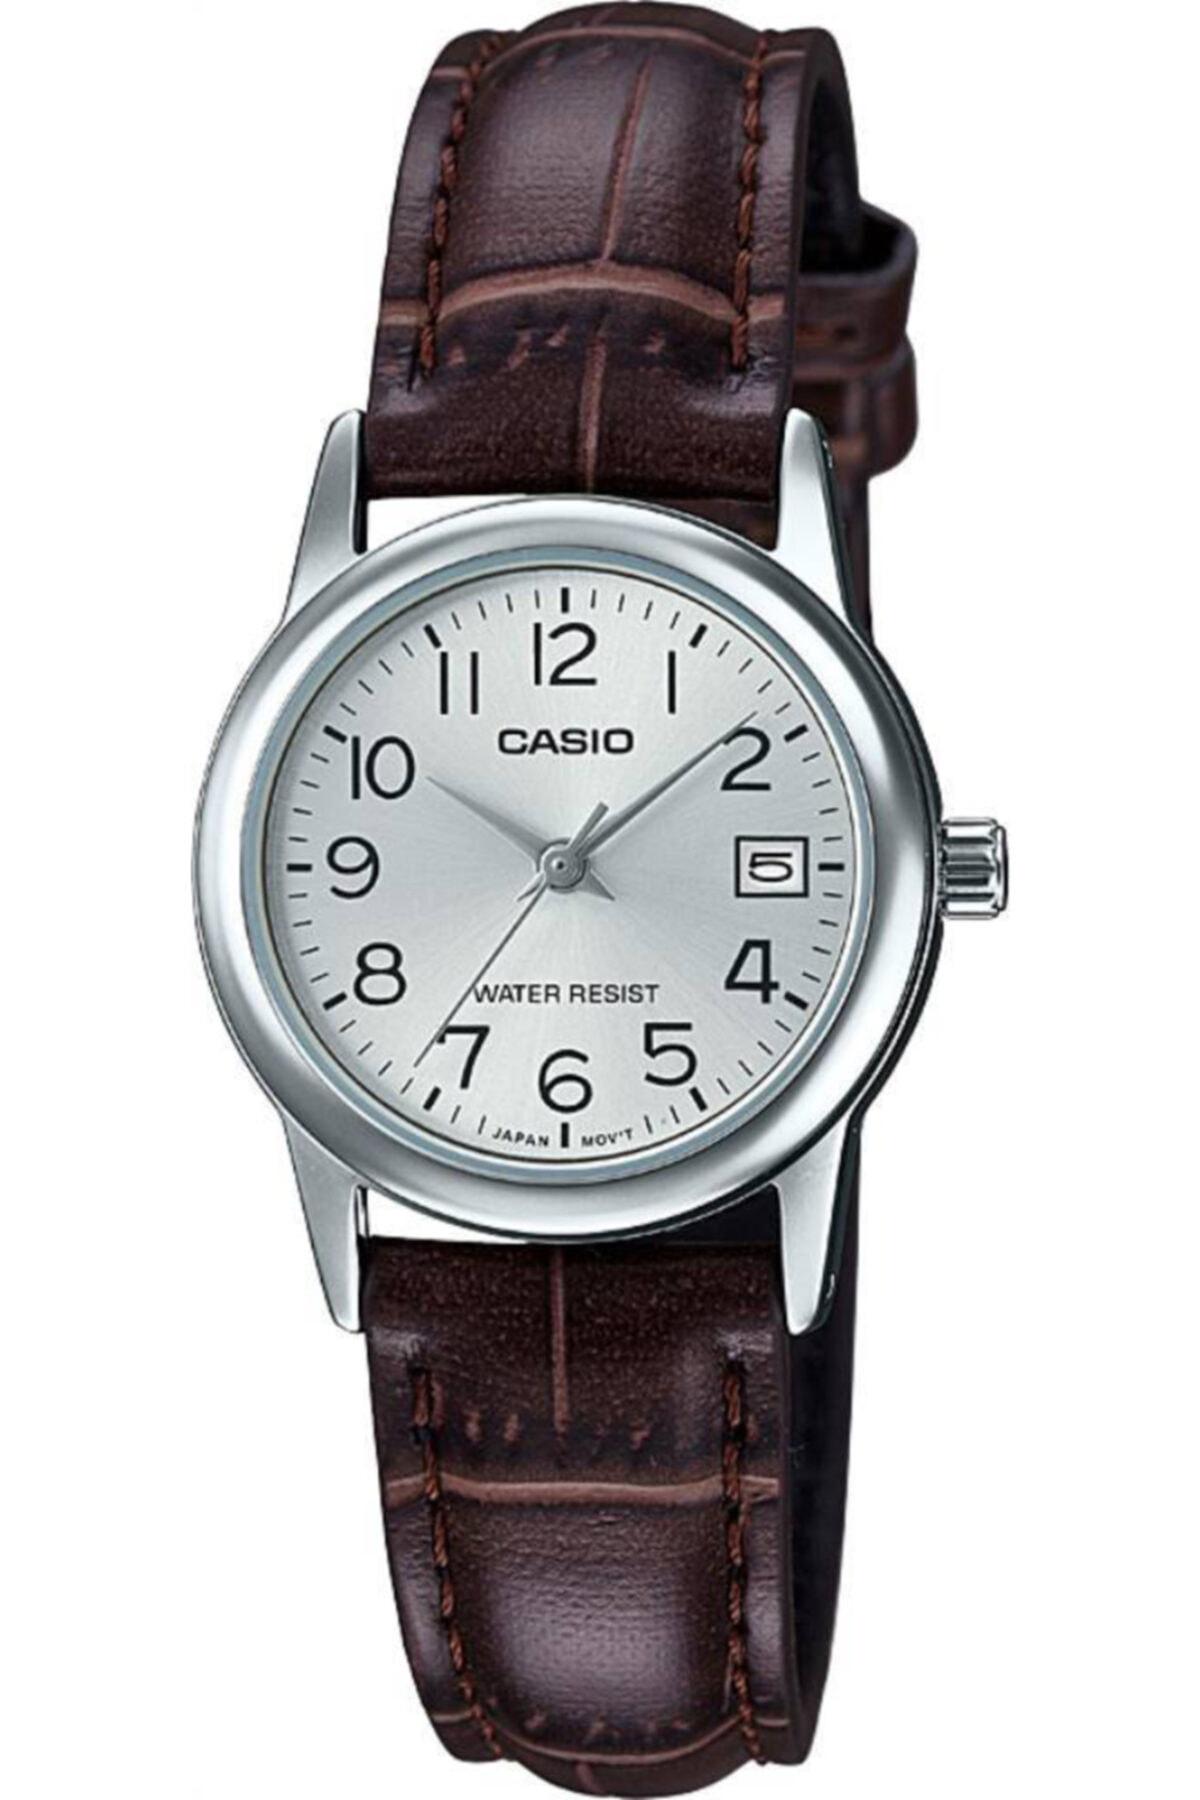 Casio Ltp-v002l-7b2 1